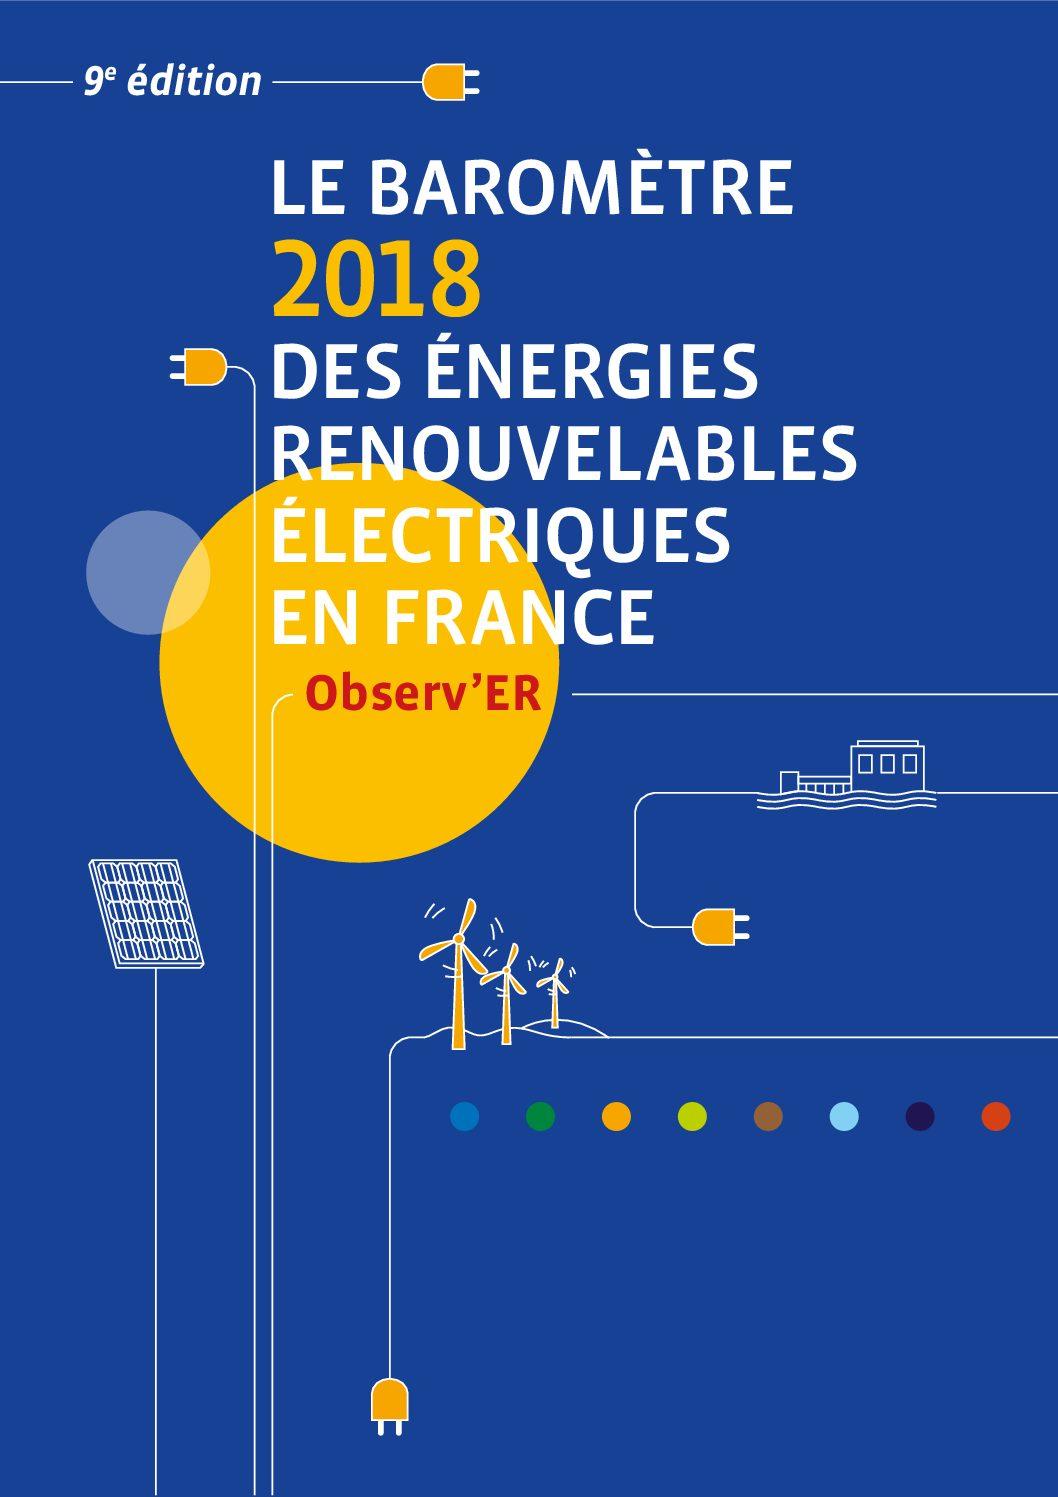 Le rythme de développement des EnR électriques reste insuffisant en France, selon Observ'ER